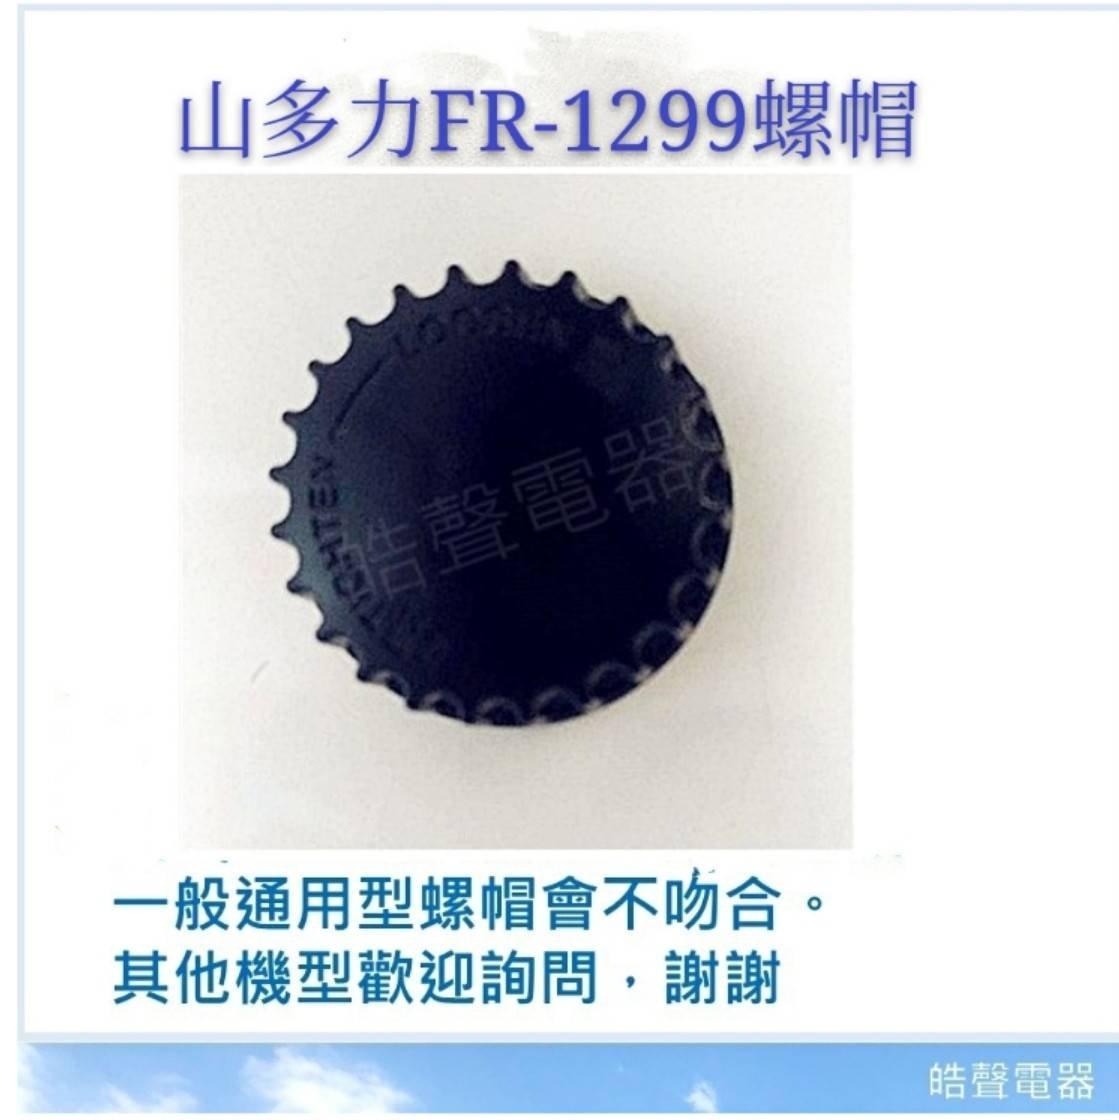 現貨 山多力FR-1299螺帽 電風扇前鎖 循環涼風扇 循環扇 葉片鎖 扇葉前鎖 電風扇配件 電風扇零件 【皓聲電器】